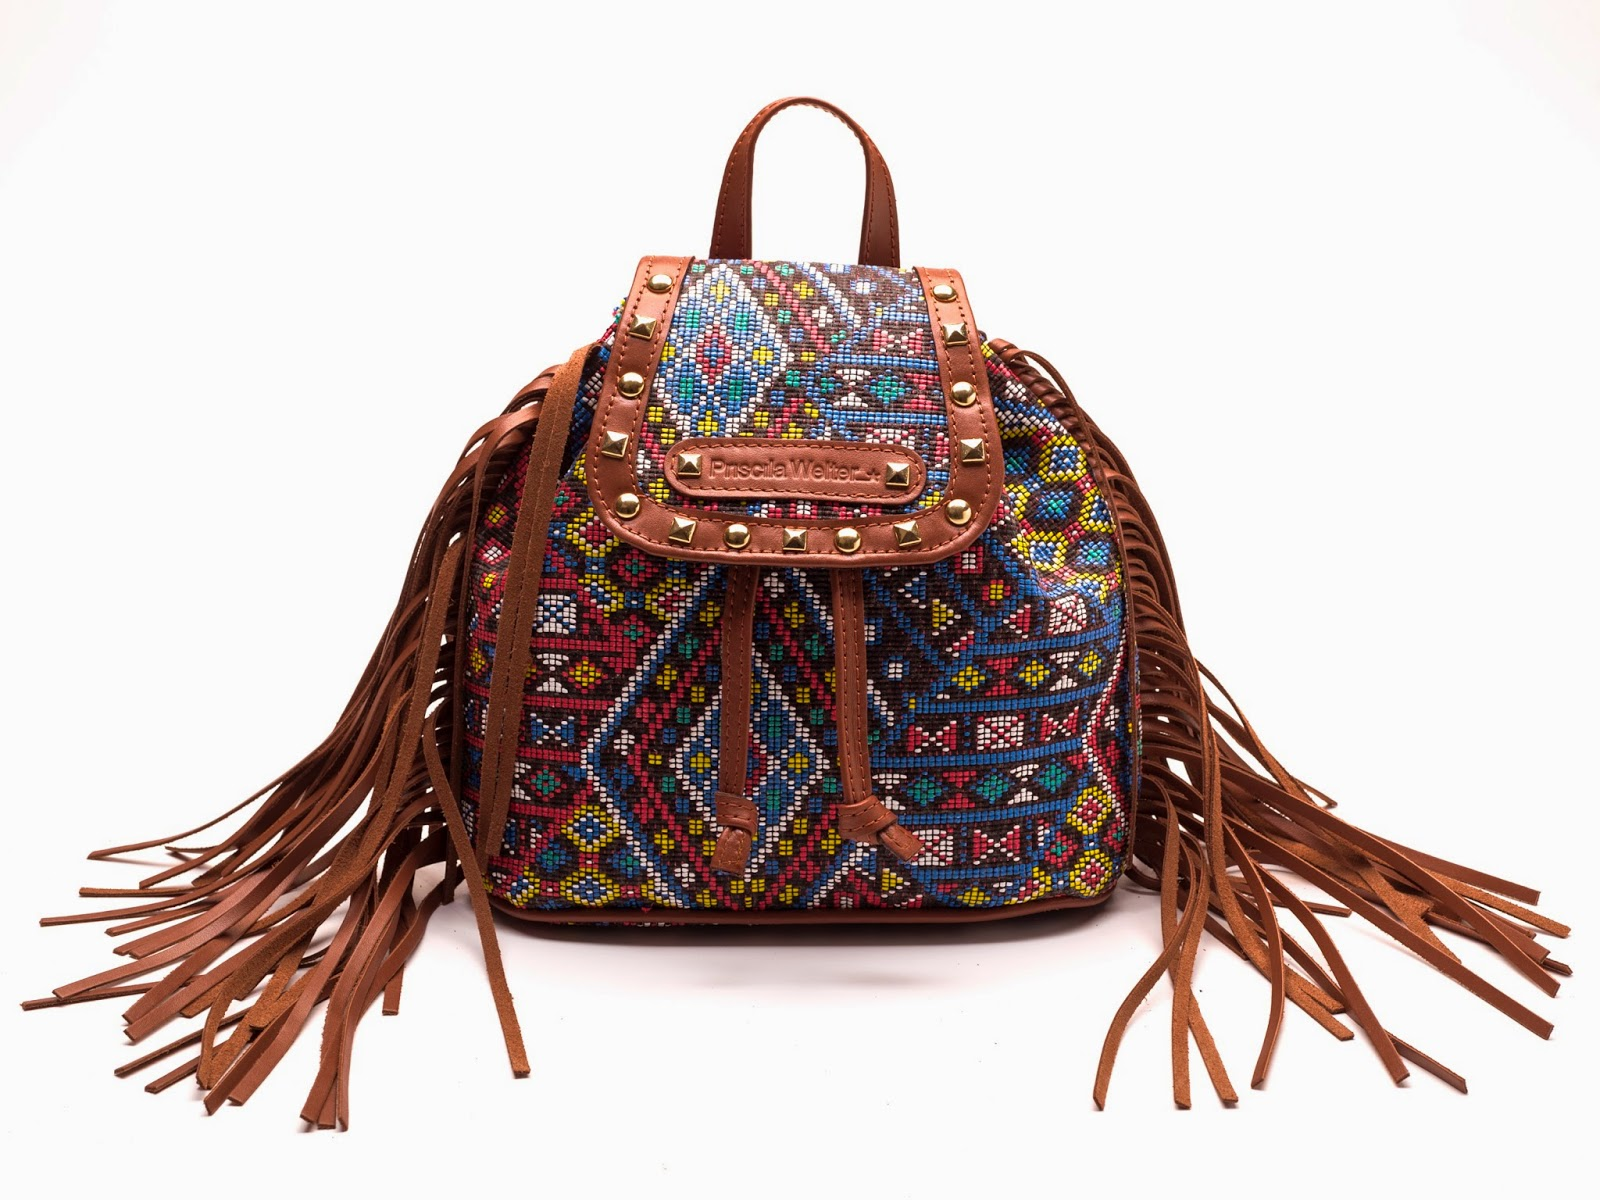 Priscila Welter, bolsos, Spring 2015, primavera, handbags, be divinity, étnico, Must, blogger, moda mujer, moda,